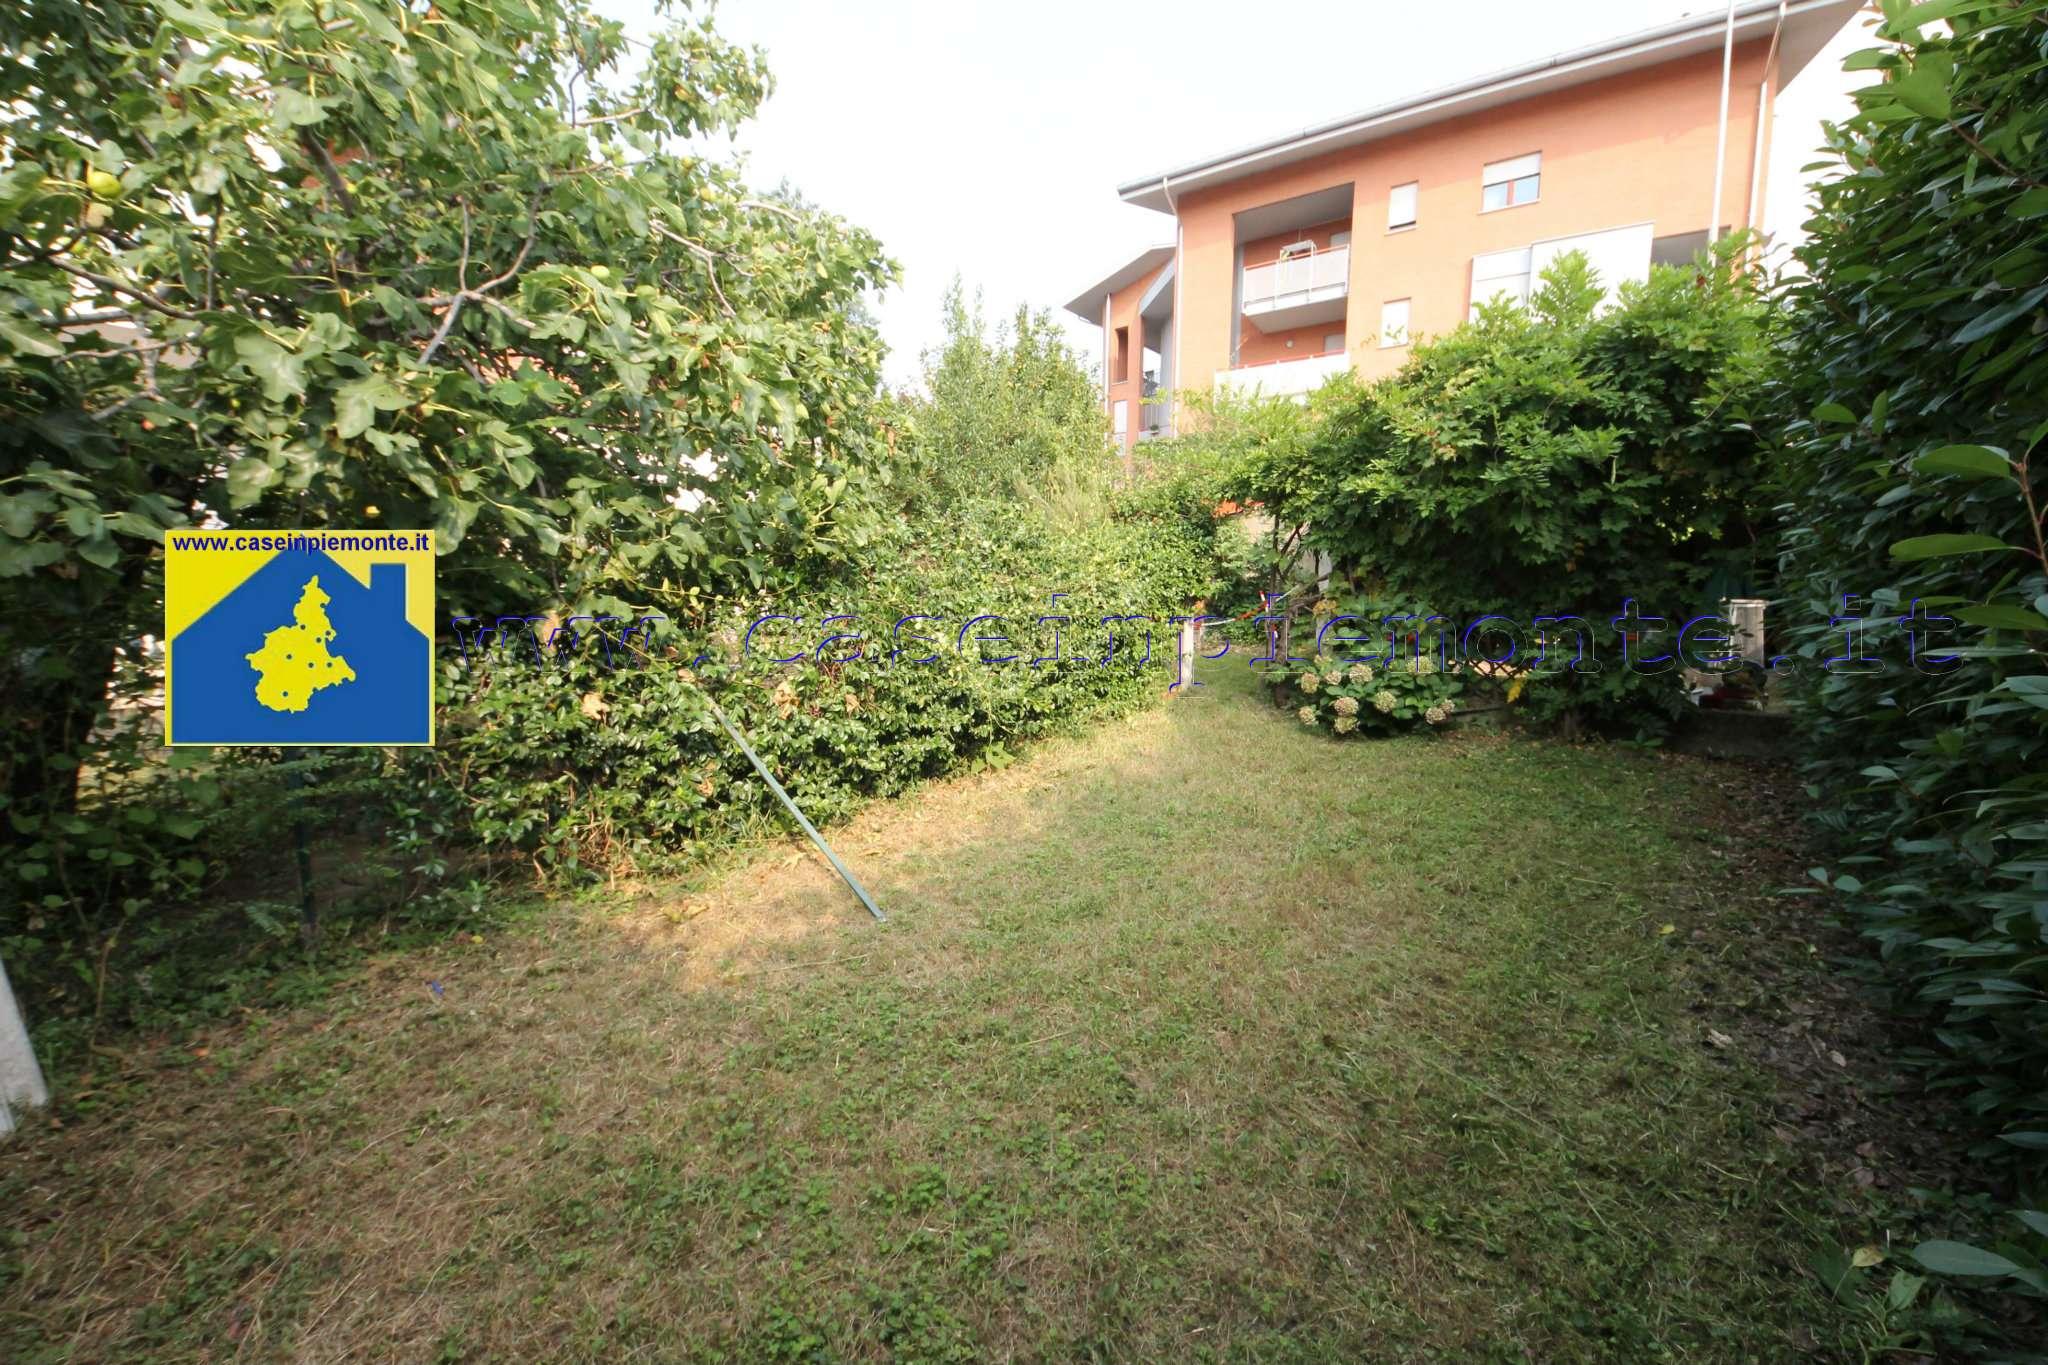 Appartamento in vendita a Rivoli, 3 locali, prezzo € 175.000 | CambioCasa.it